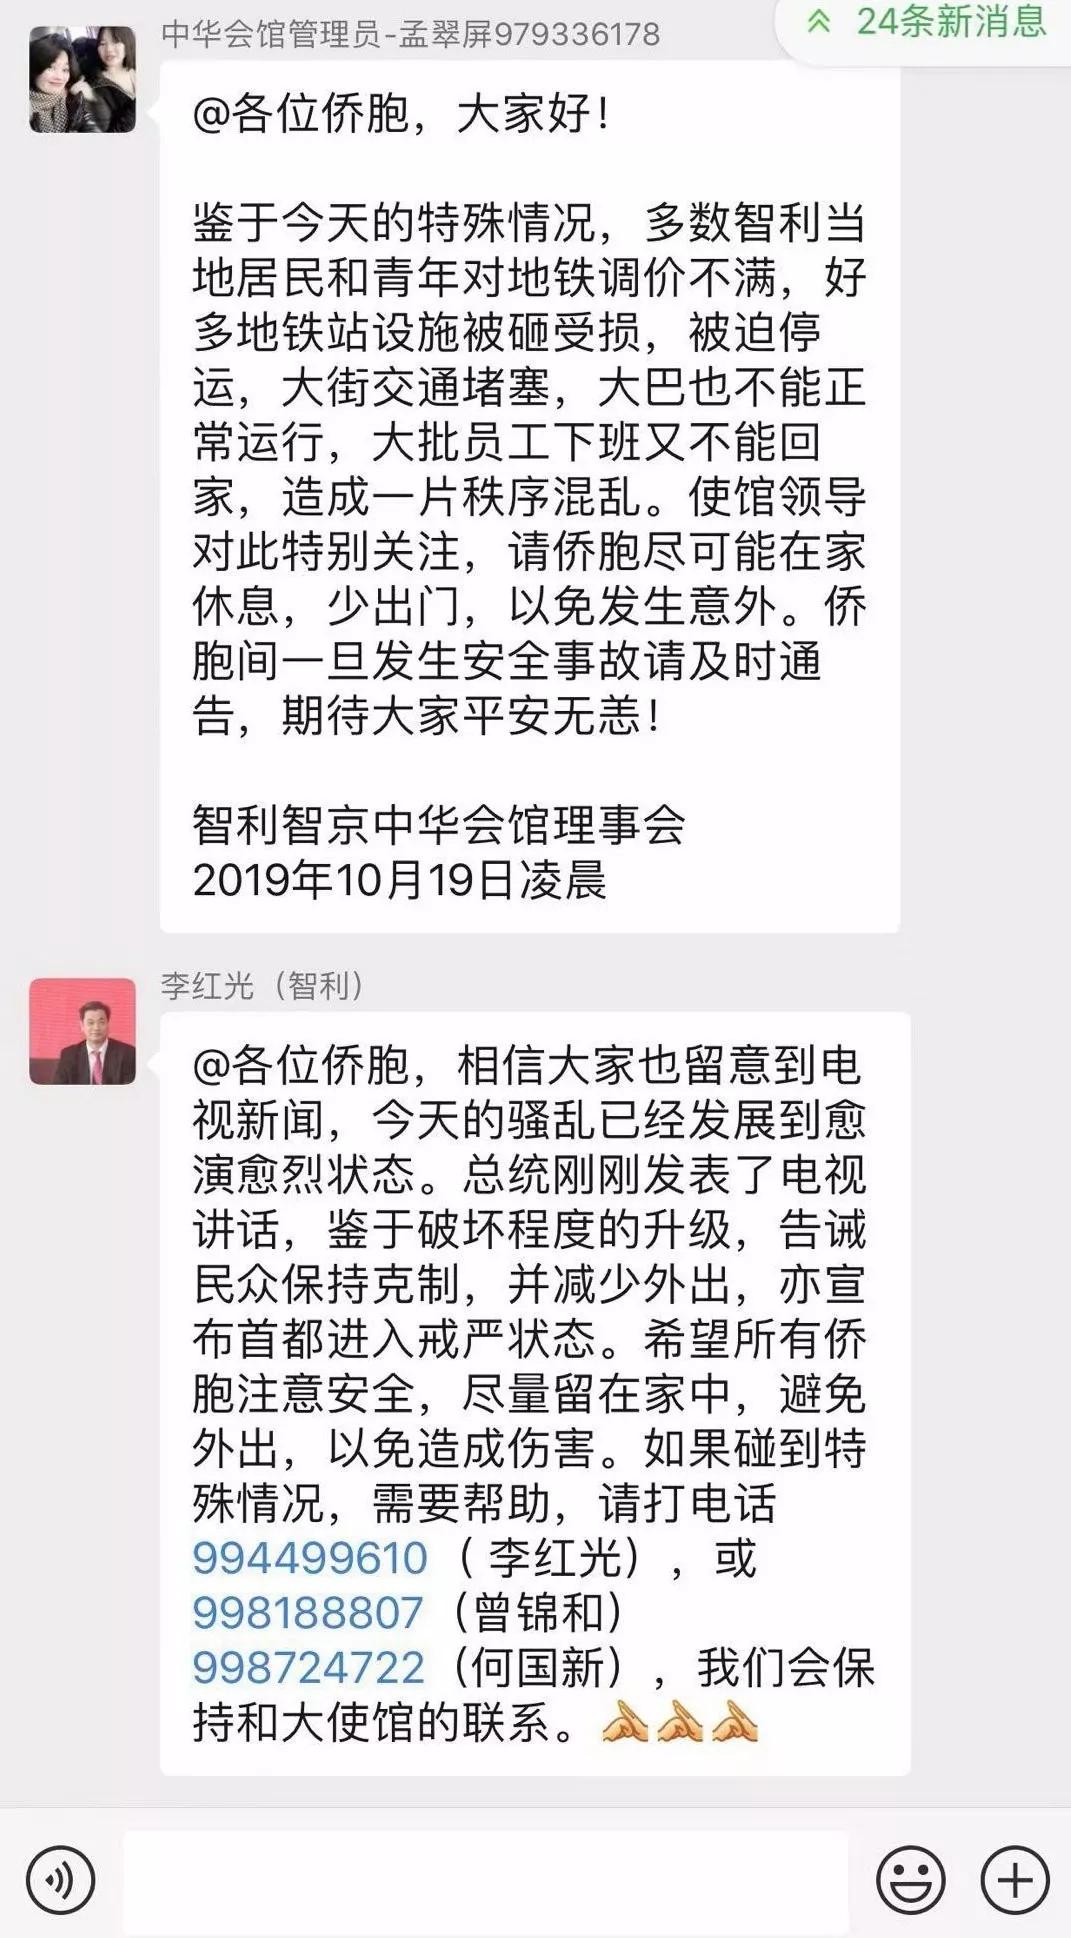 中华会馆提醒侨胞注意